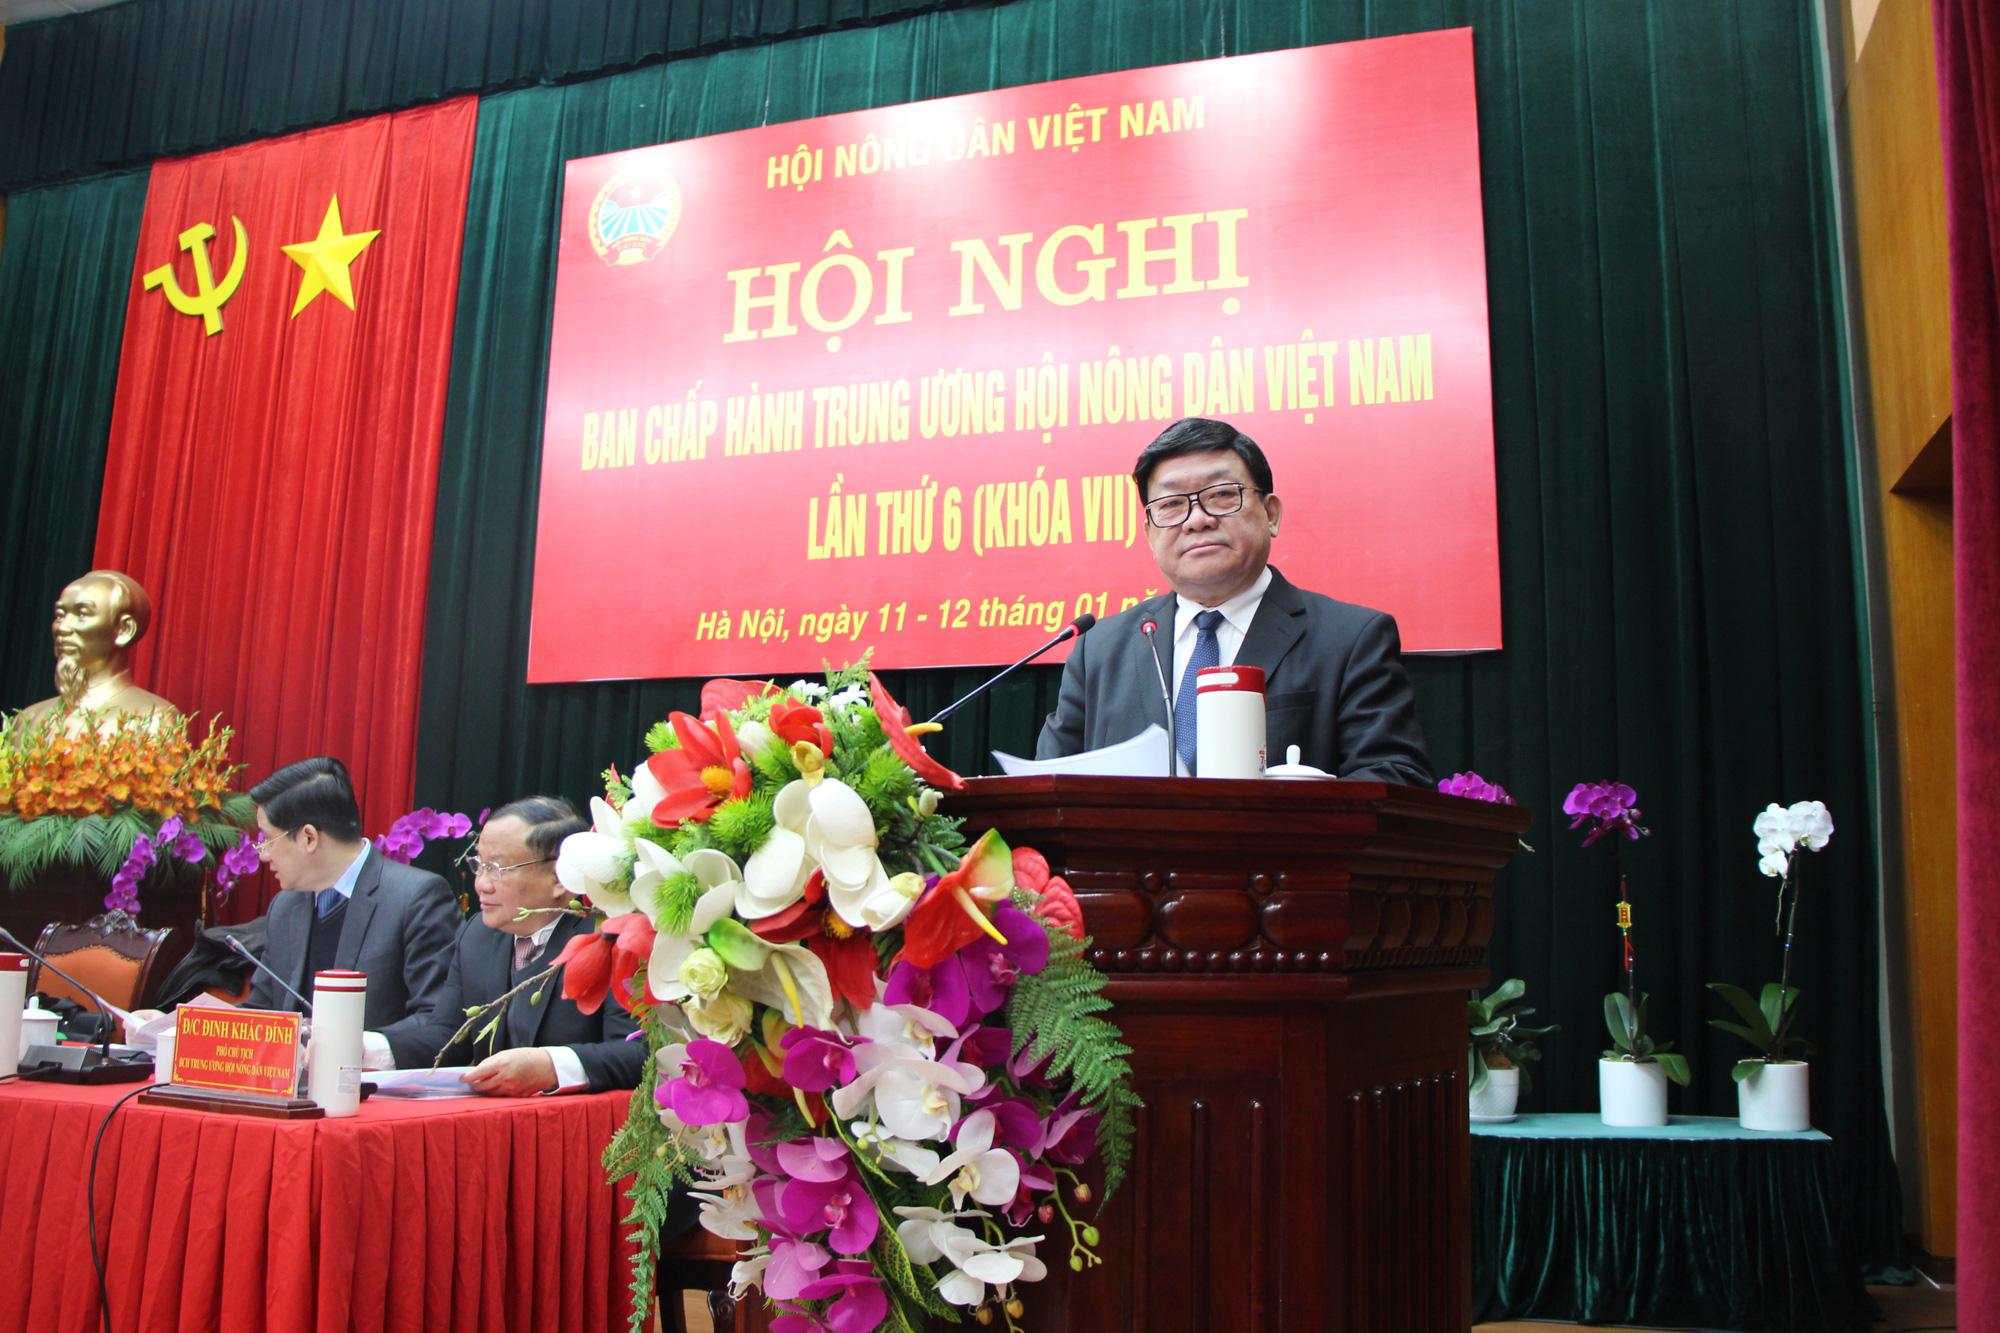 """Chủ tịch Hội NDVN Thào Xuân Sùng: Thay đổi tư duy sản xuất nông nghiệp, thúc đẩy mối liên kết """"6 nhà"""" - Ảnh 1."""